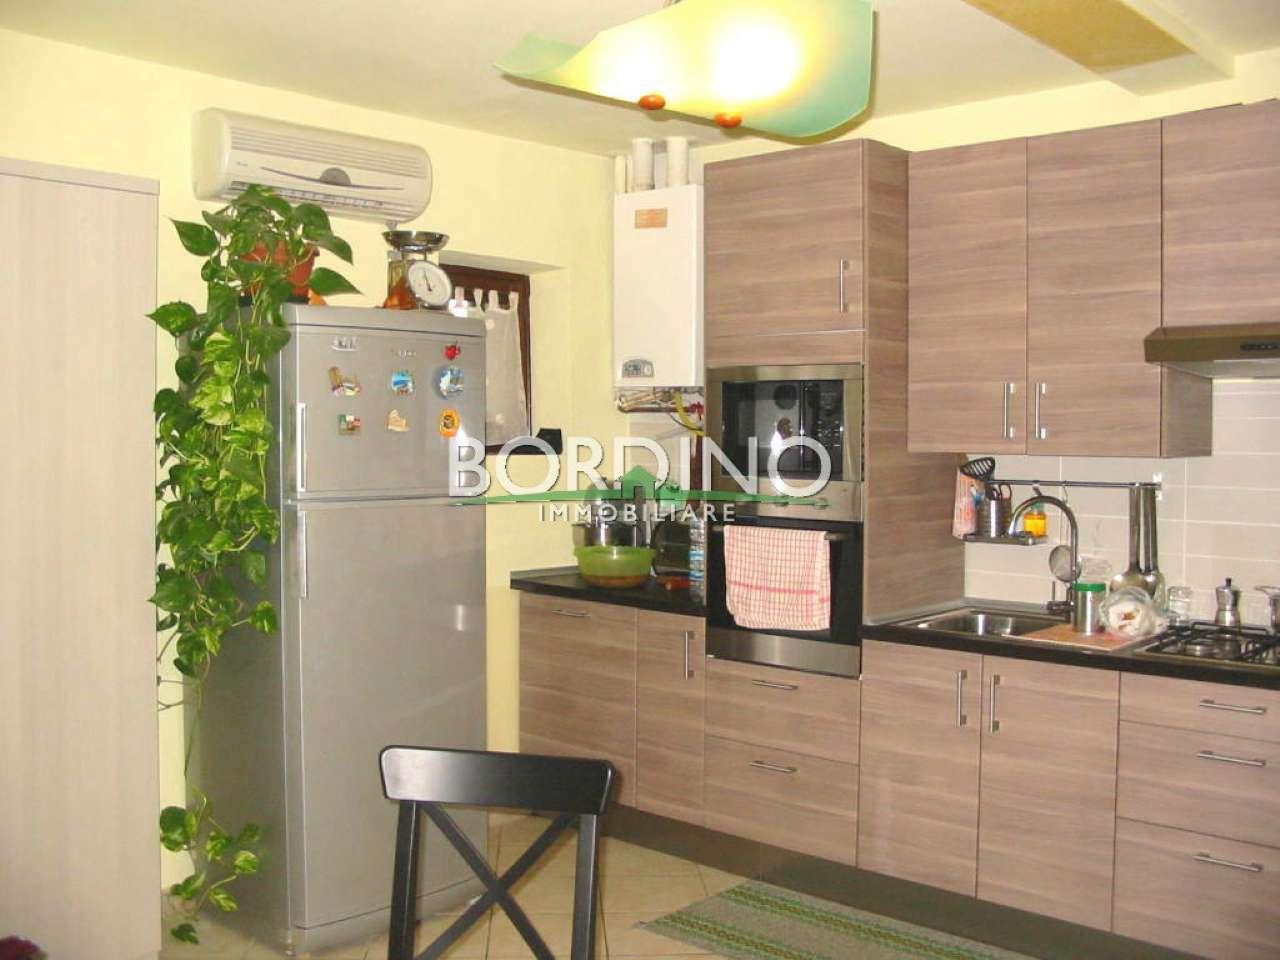 Appartamento in vendita a Castagnito, 4 locali, prezzo € 70.000 | CambioCasa.it